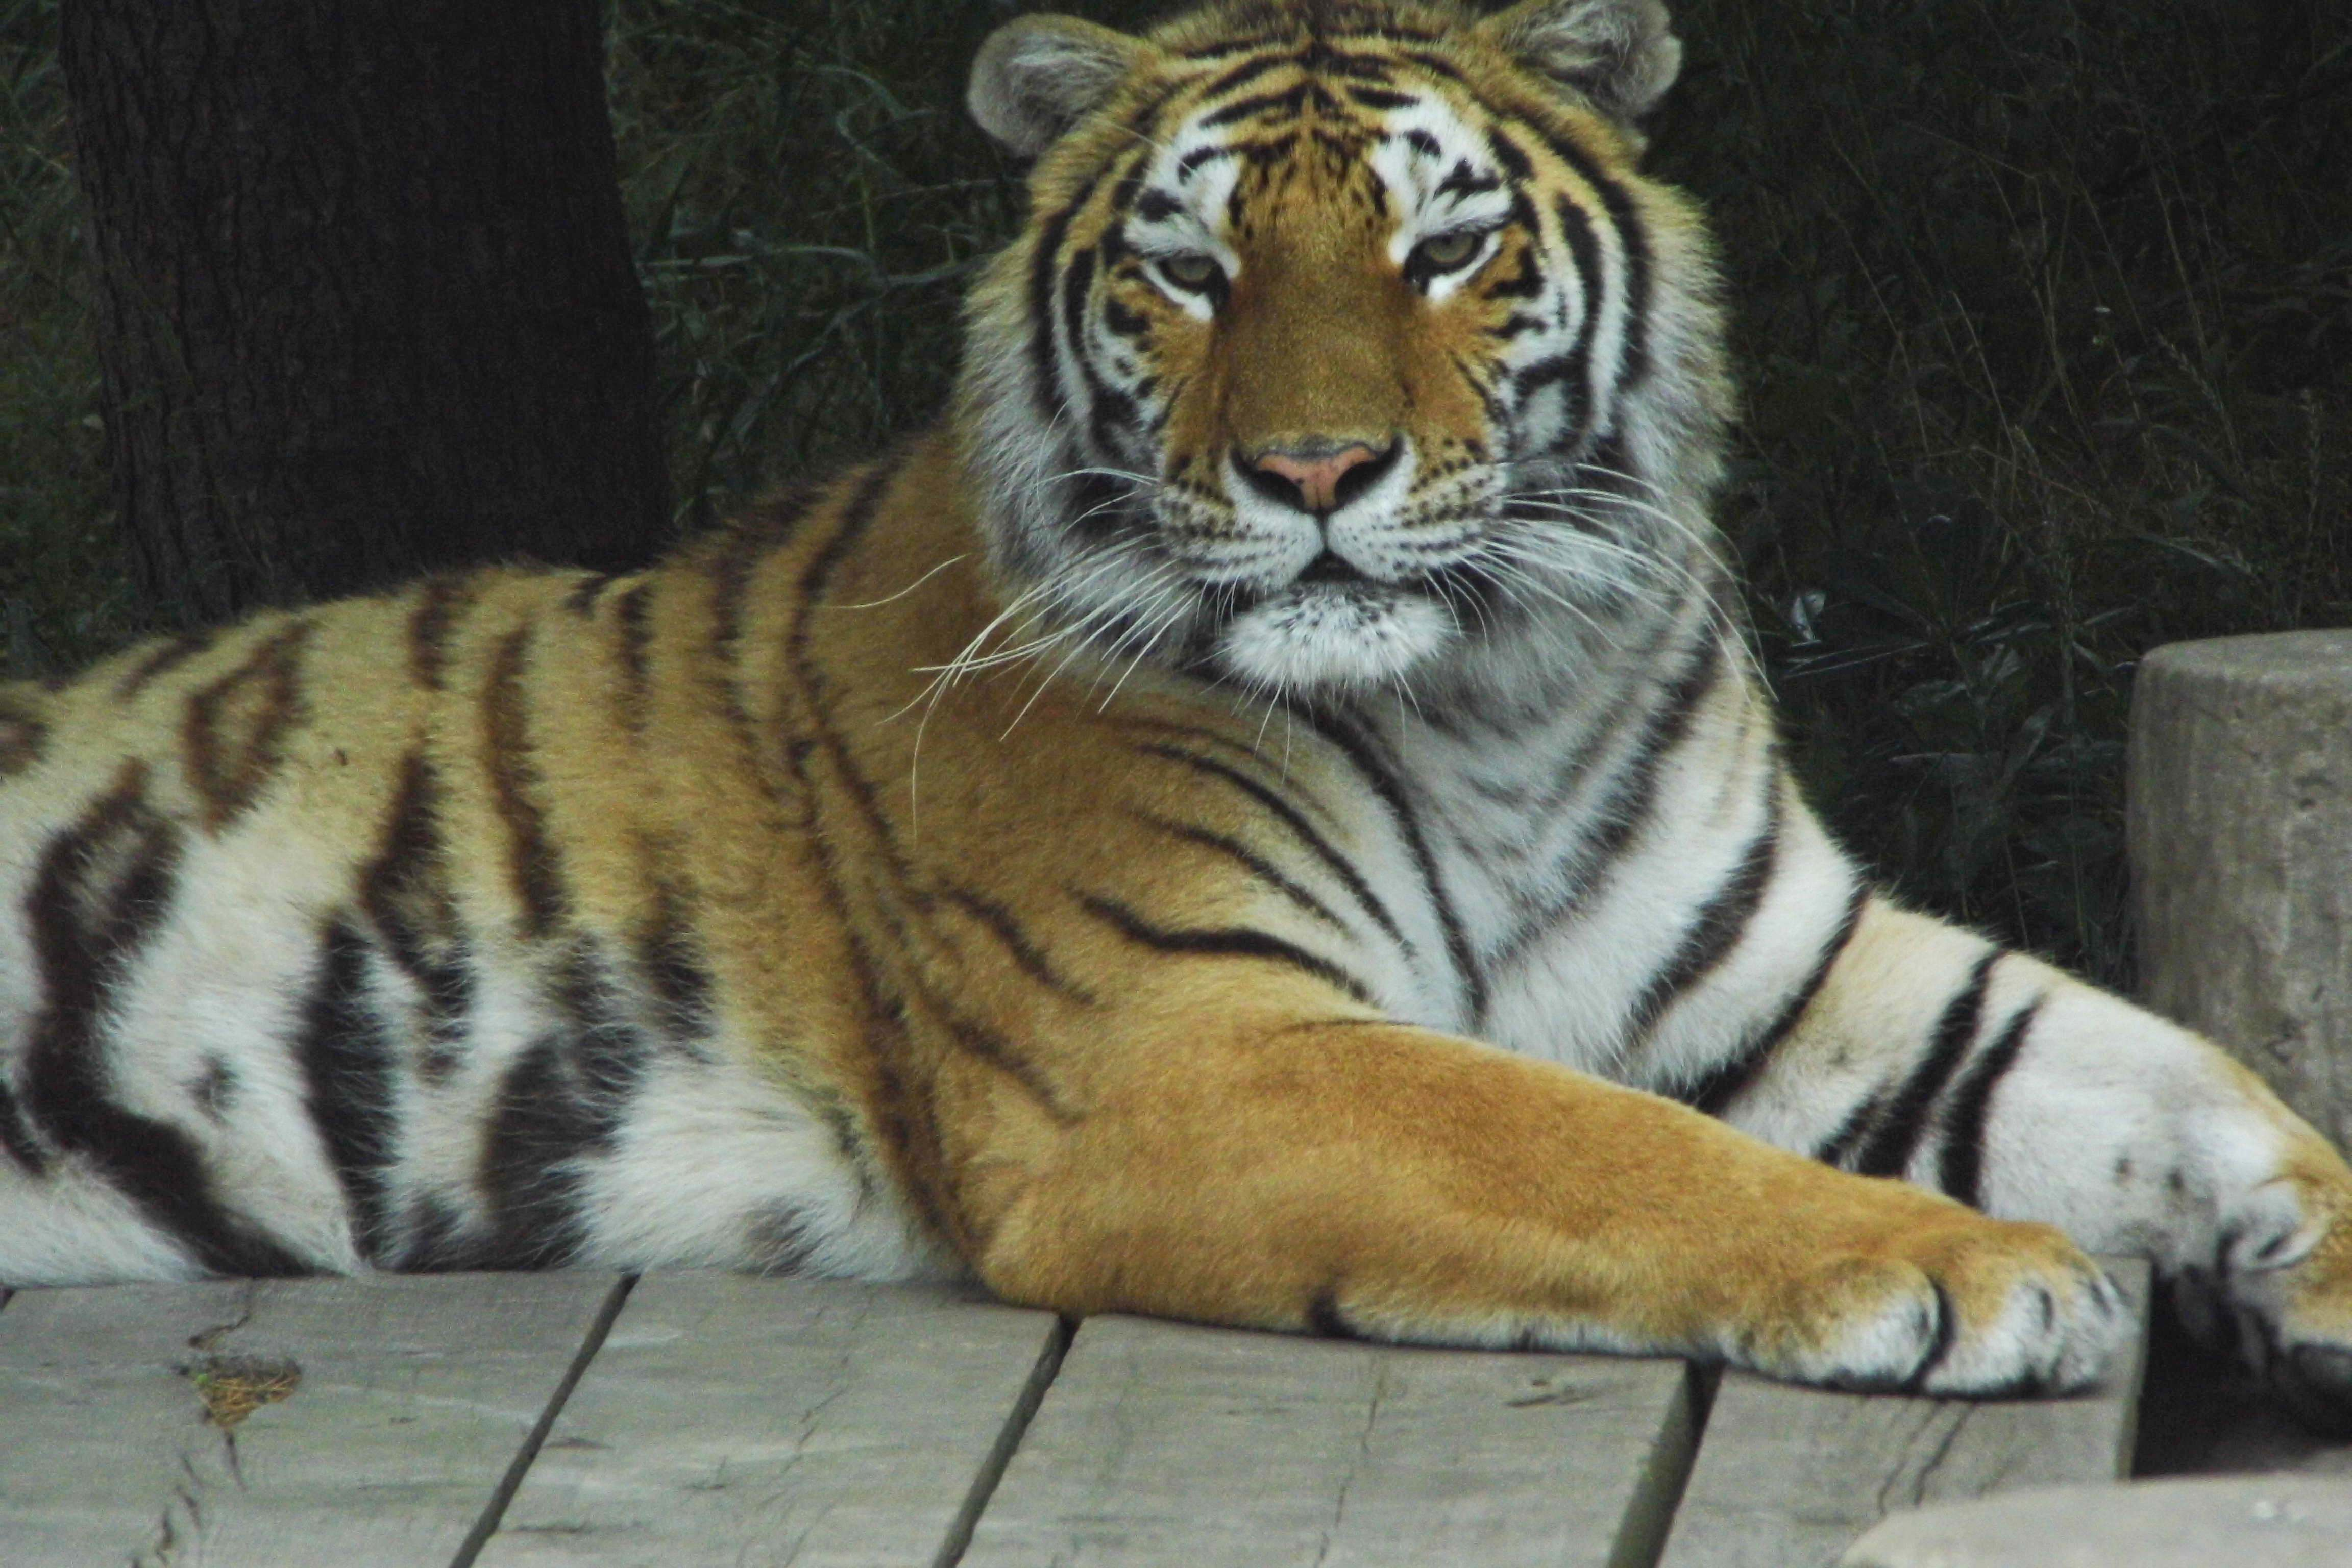 上海野生动物园,国家级野生动物园,占地153公顷。园内汇集了世界各地具有代表性的珍稀动物200余种上万余头(只),拥有我国一级保护动物:大熊猫、金丝猴、华南虎、亚洲象、朱鹮等。整个园区分为食草动物放养区、食肉动物放养区、火烈鸟区、散养动物区、水禽湖和珍稀动物圈养区、百鸟园、蝴蝶园及儿童宠物园,并设有动物表演等许多特色节目。